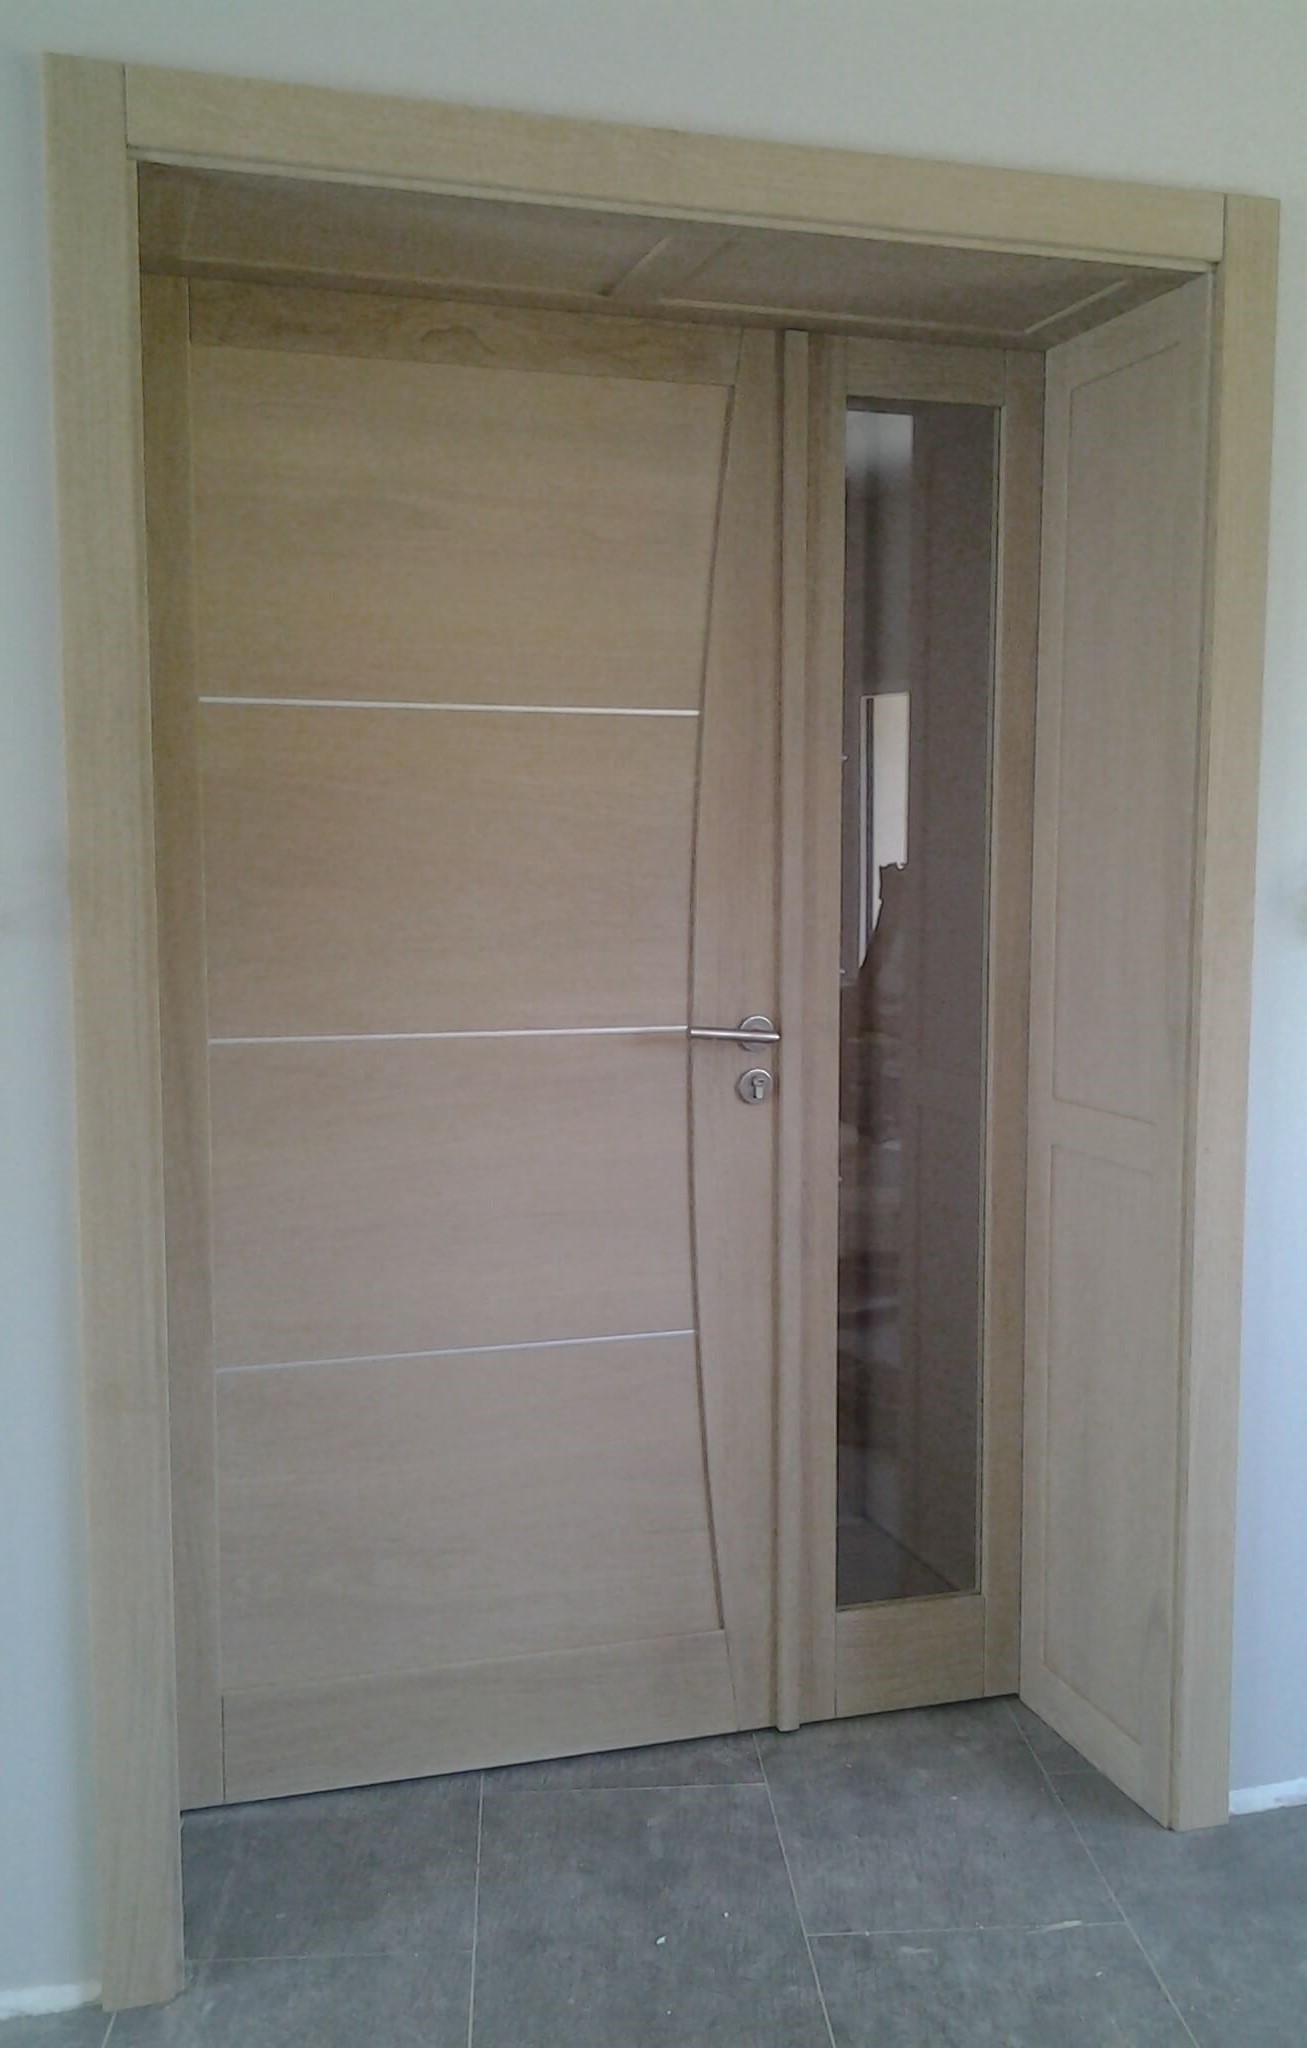 Menuiserie Figard - Fabrication sur mesure - Porte d'intérieur - Chêne blanchi vitrage opale - Vesou